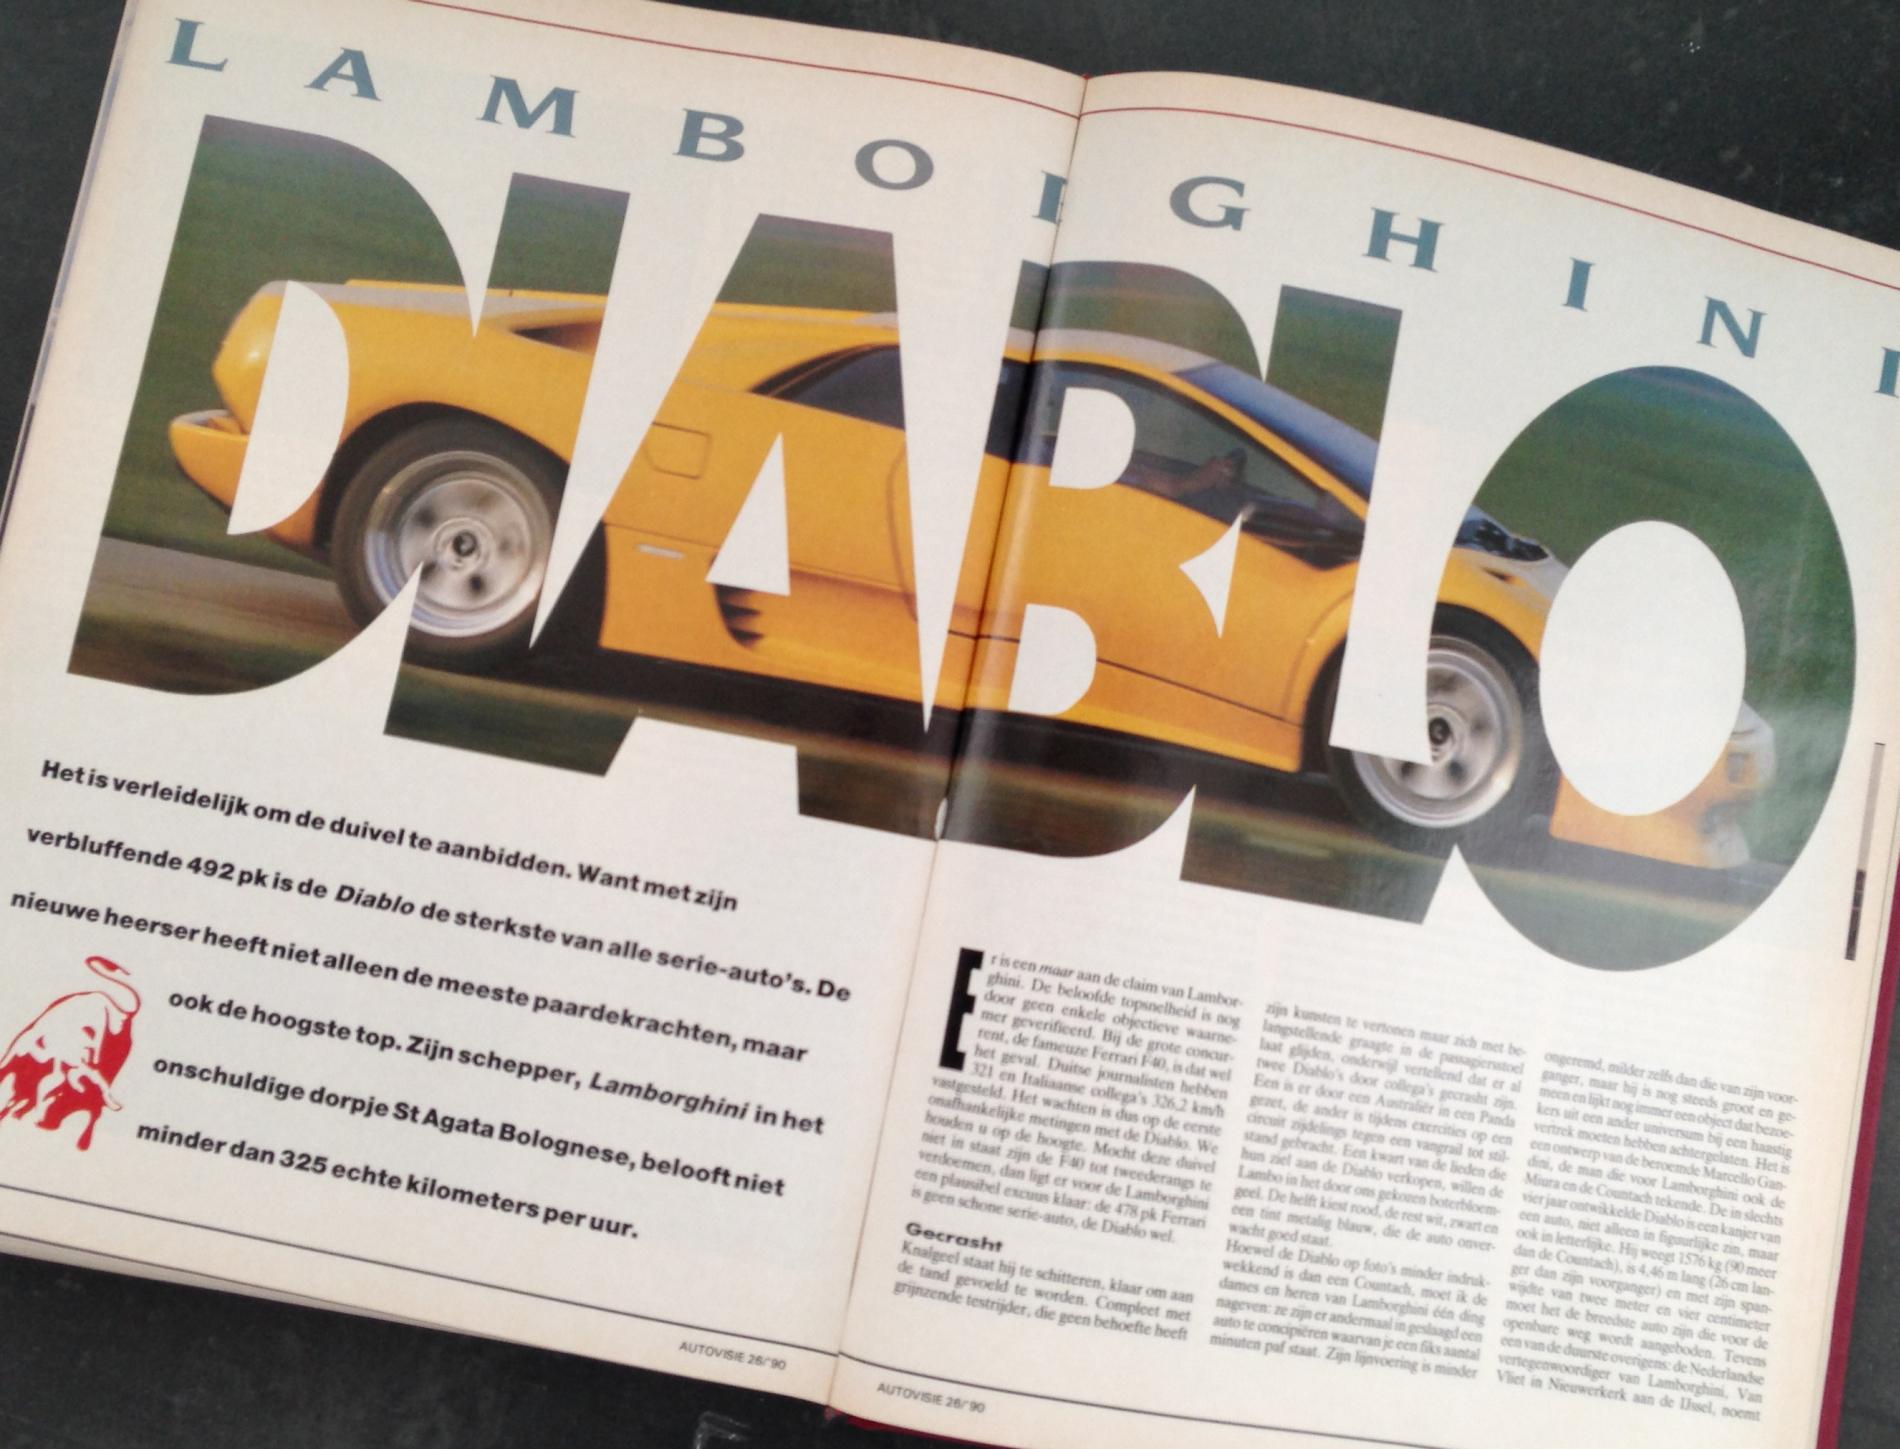 Rij-indruk Lamborghini Diablo, Autovisie 26, 1990